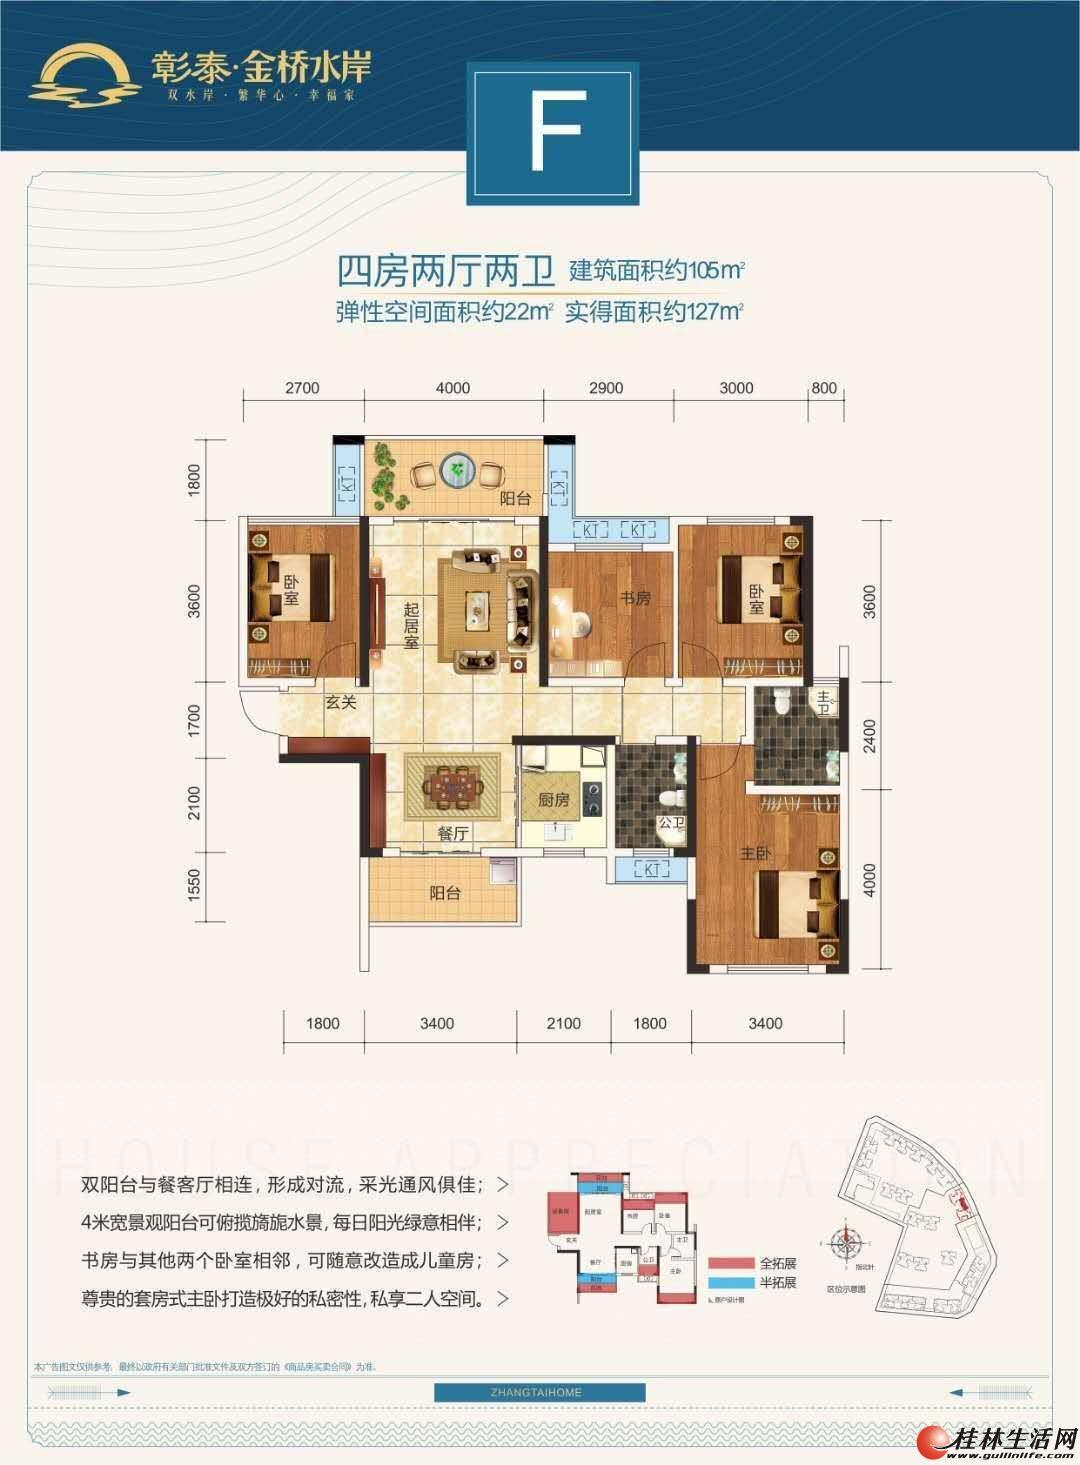 ·临桂新两江四湖水系旁 彰泰金桥水岸一手新房 92平55万出售